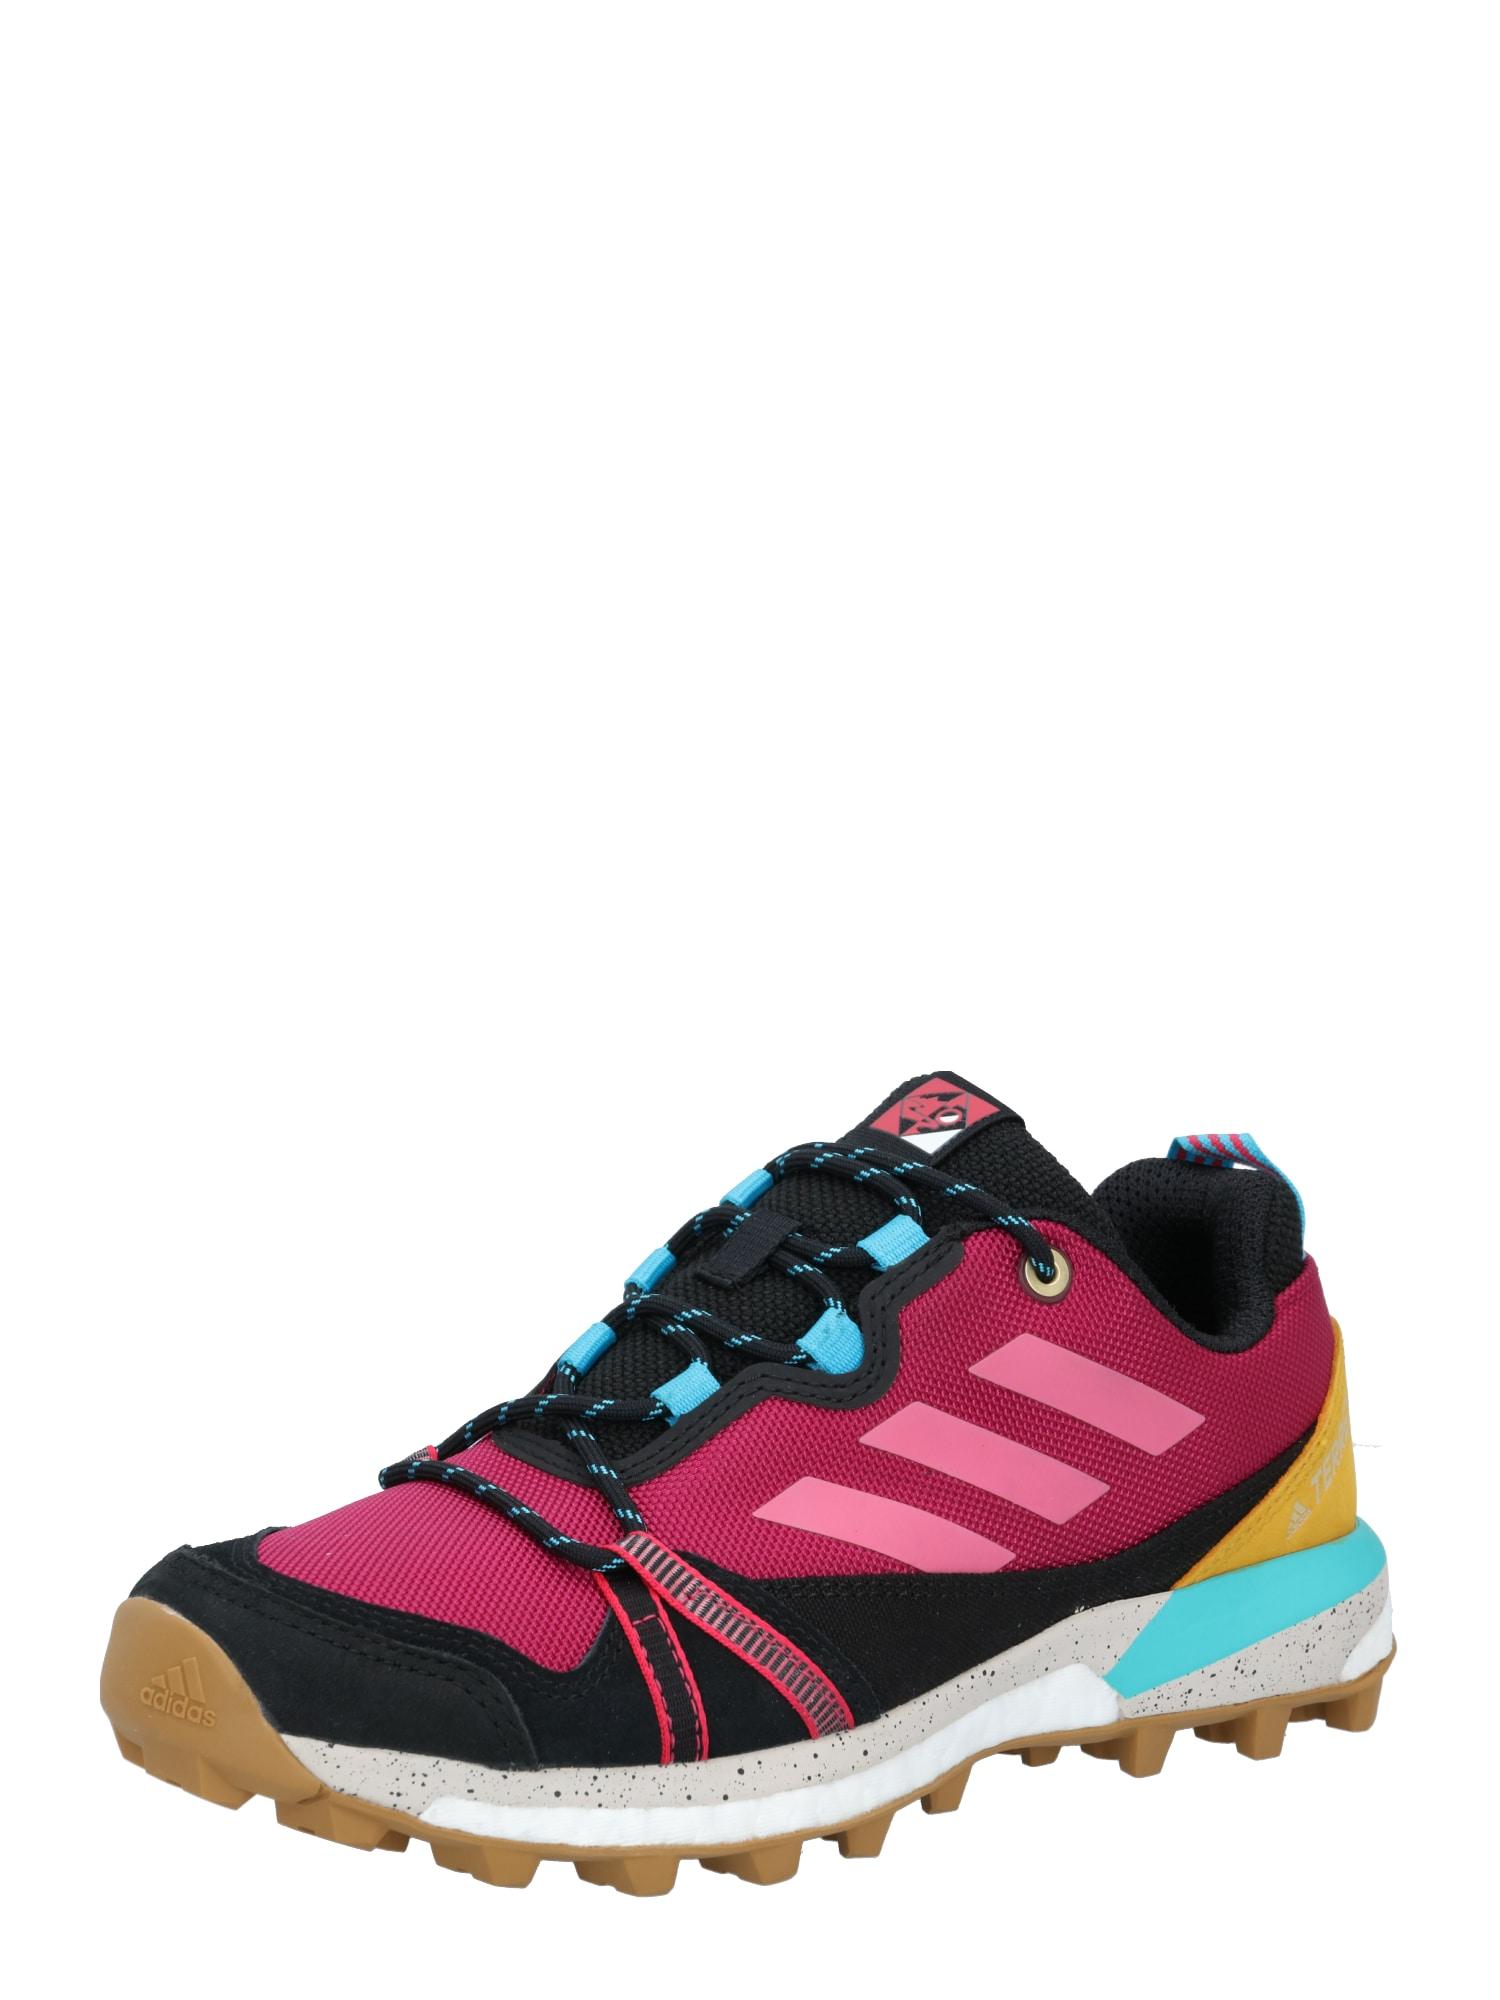 ADIDAS PERFORMANCE Sportiniai batai 'TERREX SKYCHASER' juoda / turkio spalva / avietinė